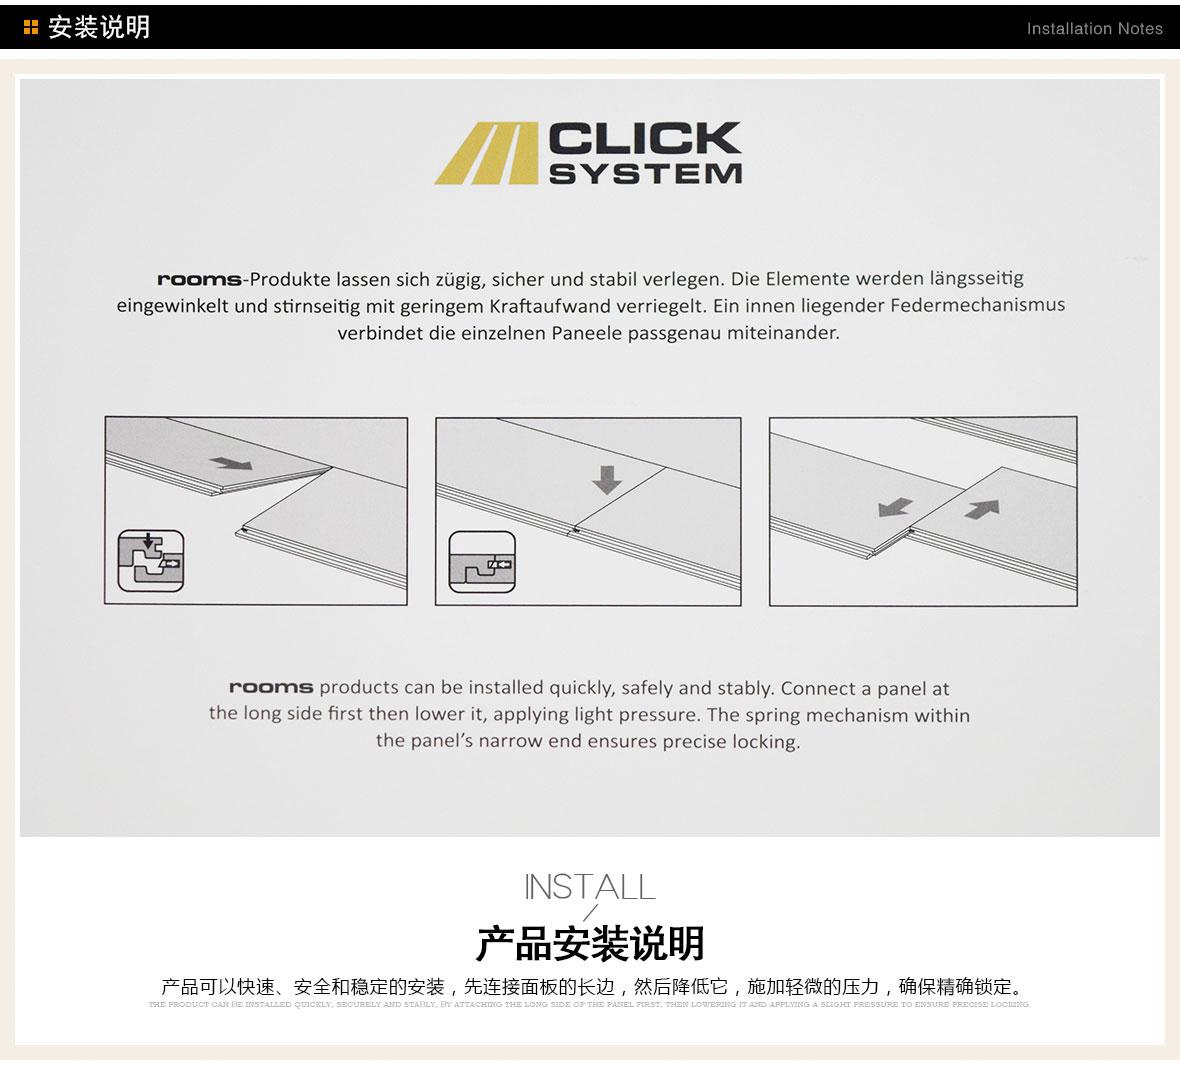 德合家地板 4288型号舒逸强化复合地板 安装说明